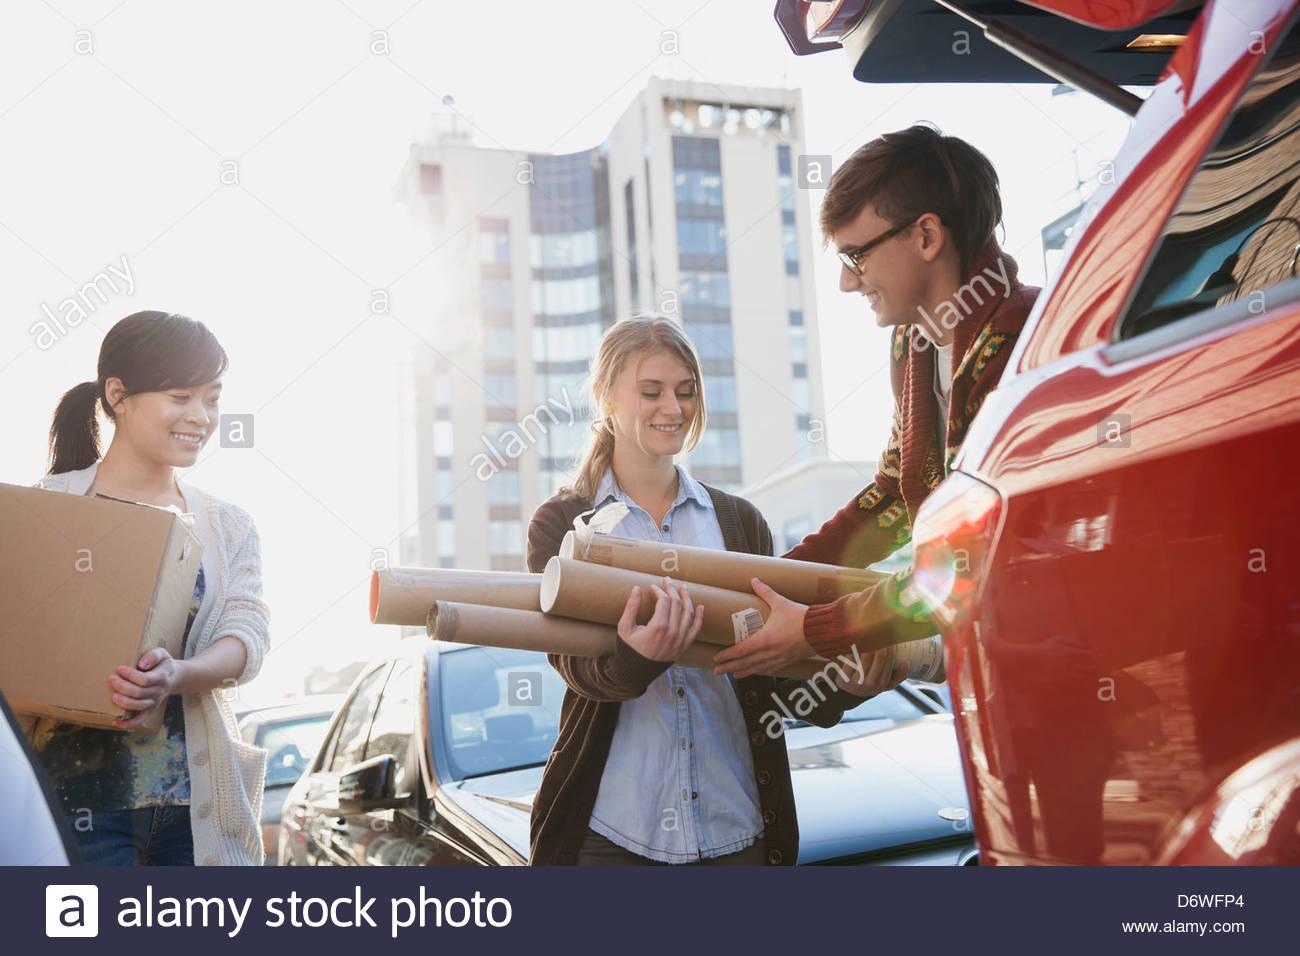 Los profesionales del diseño feliz con paquetes de coche carga Imagen De Stock